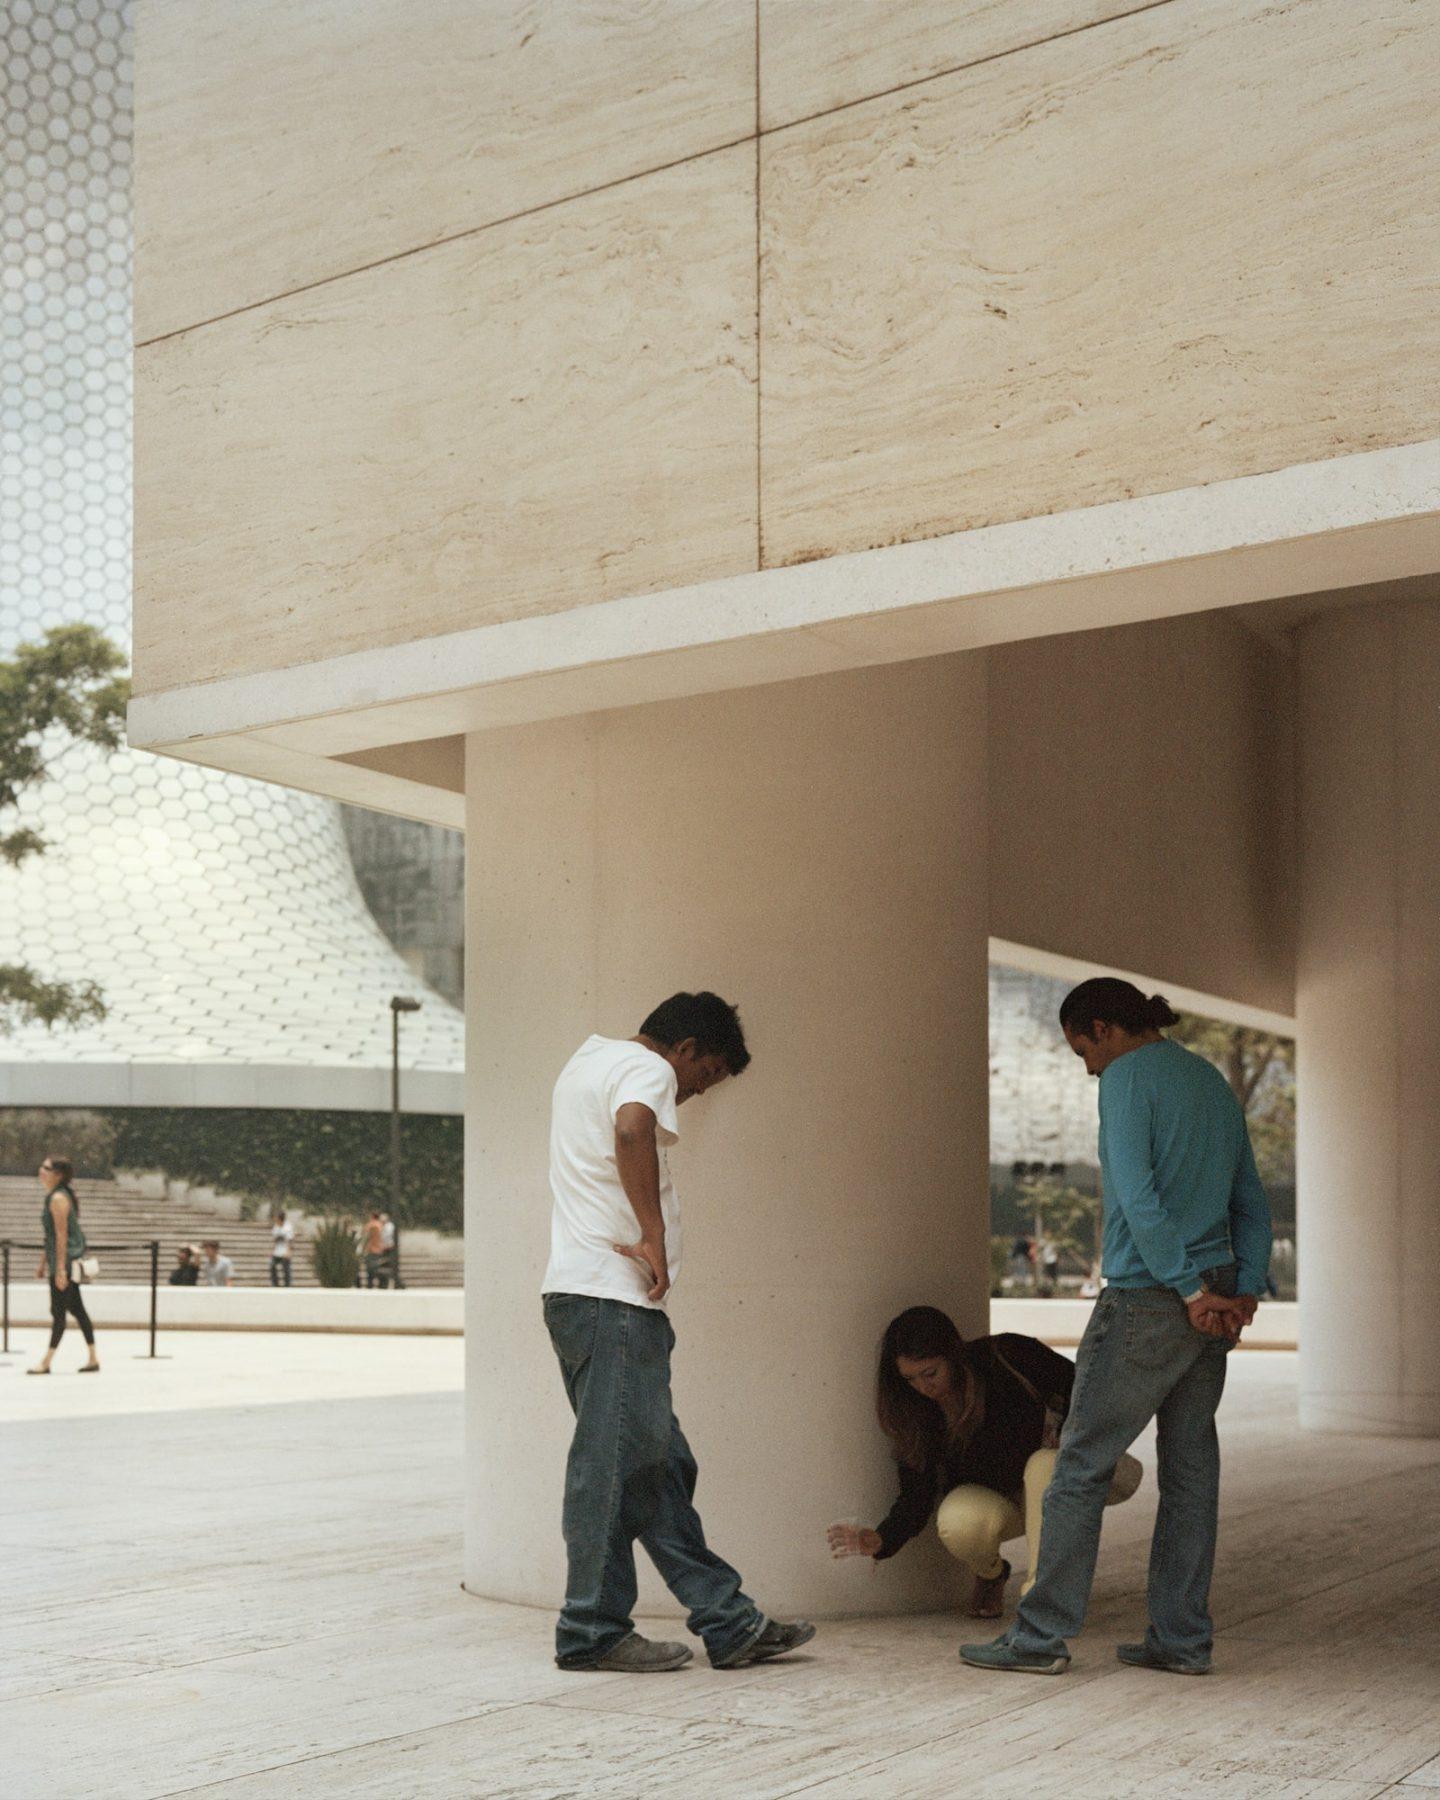 IGNANT-Travel-Museo-Jumex-Rory-Gardiner-07